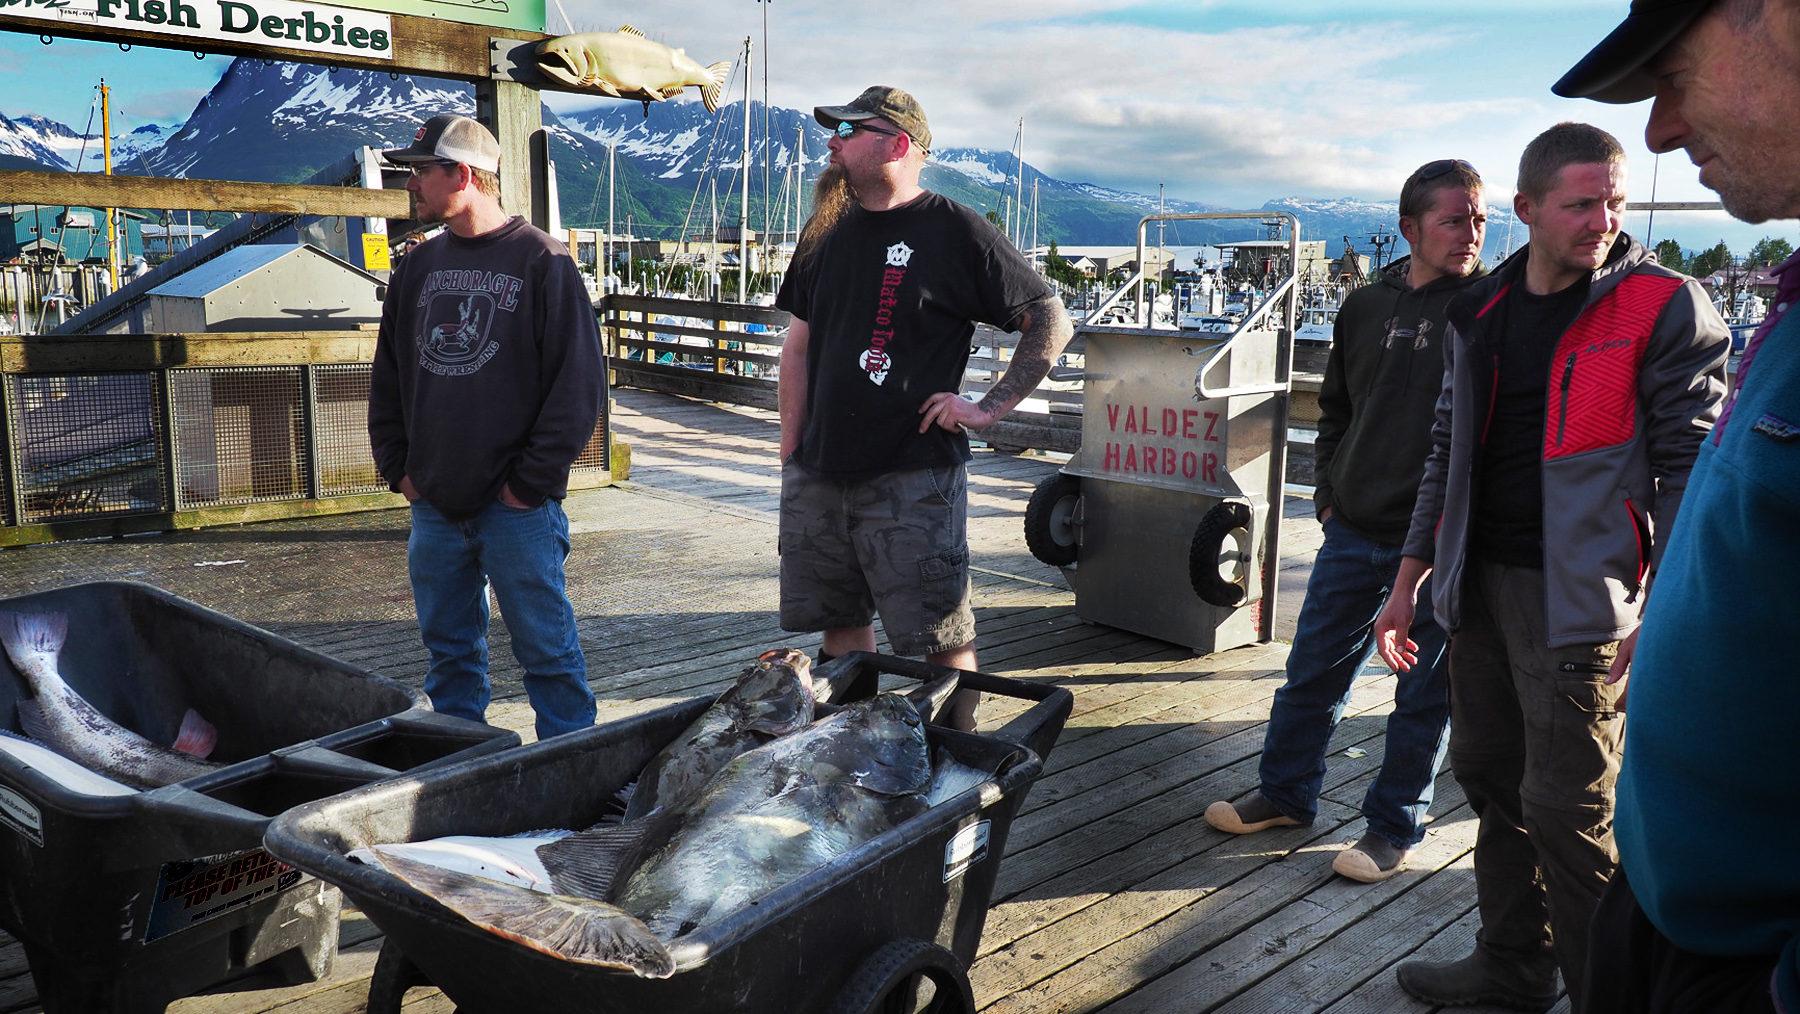 Valdez, alles dreht sich um's Fischen